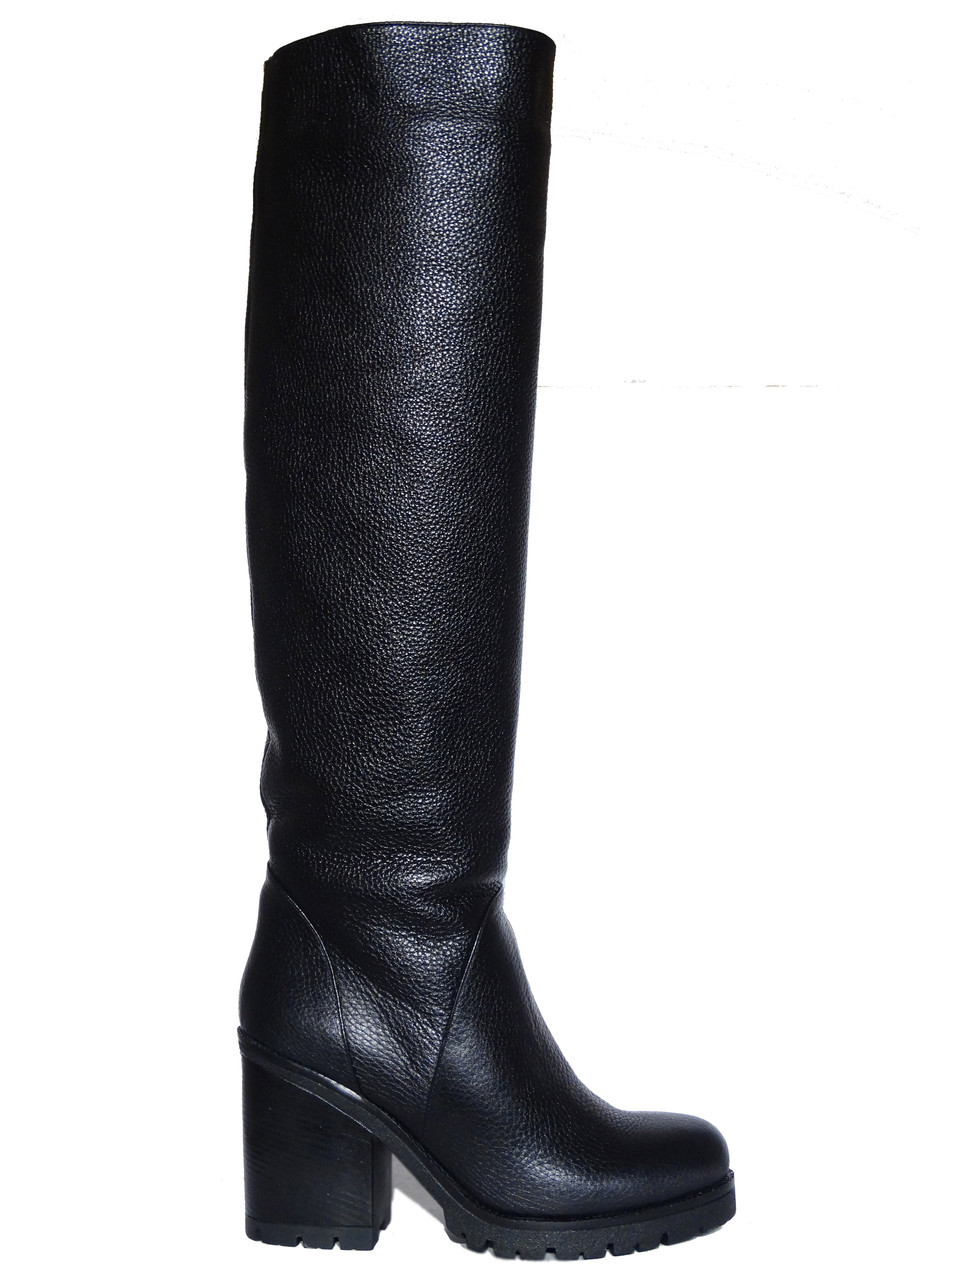 d9a33a88b172 Женские зимние кожаные сапоги на каблуке Tucino №134-G-27